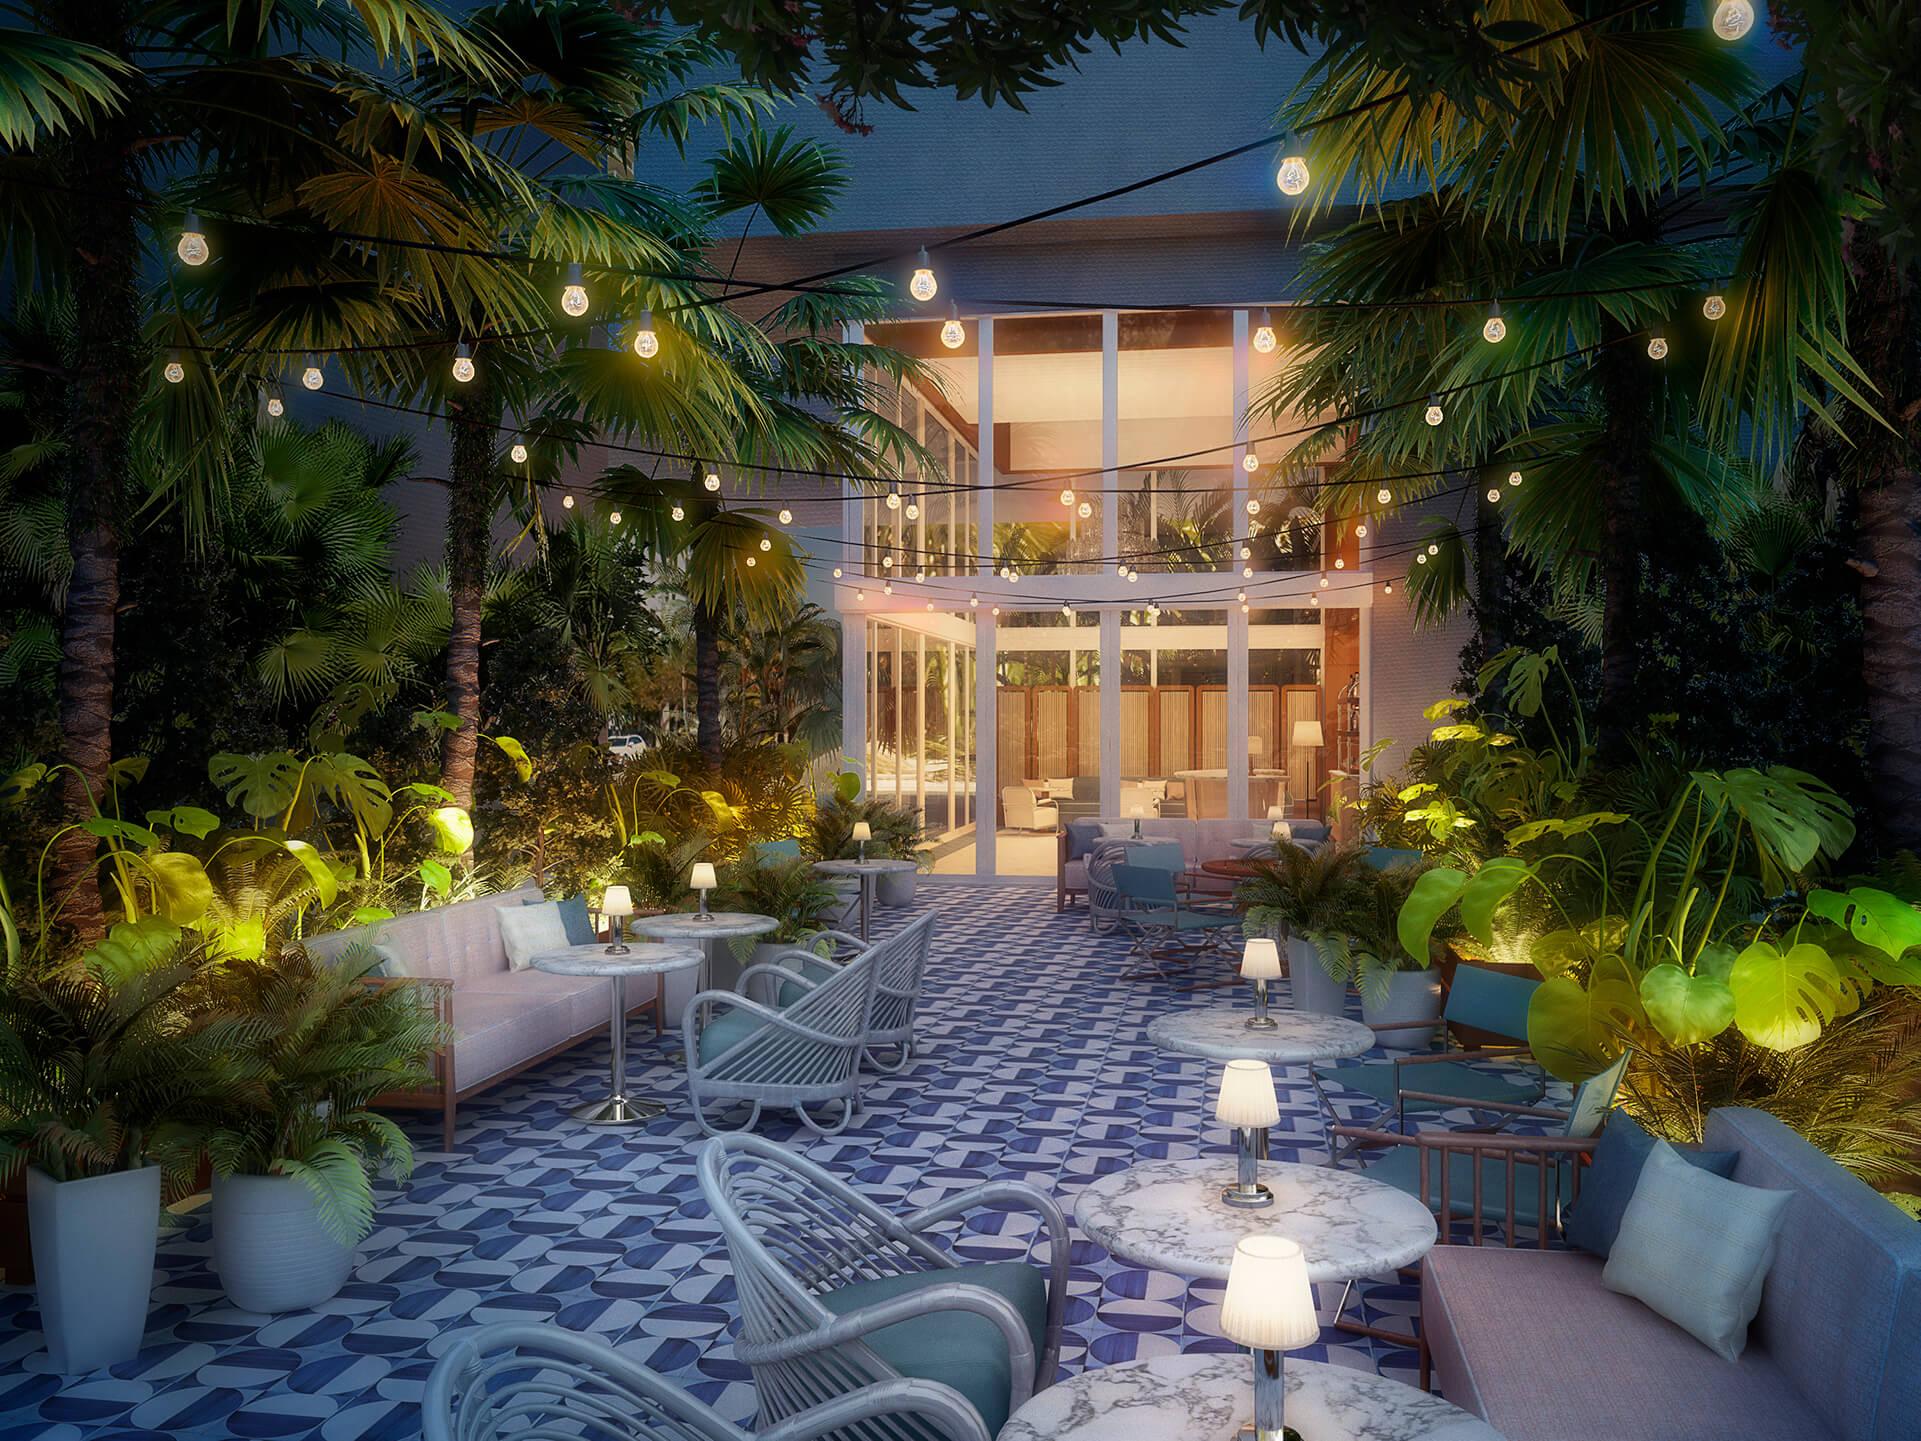 Mr. C Coconut Grove Hotel (Miami)